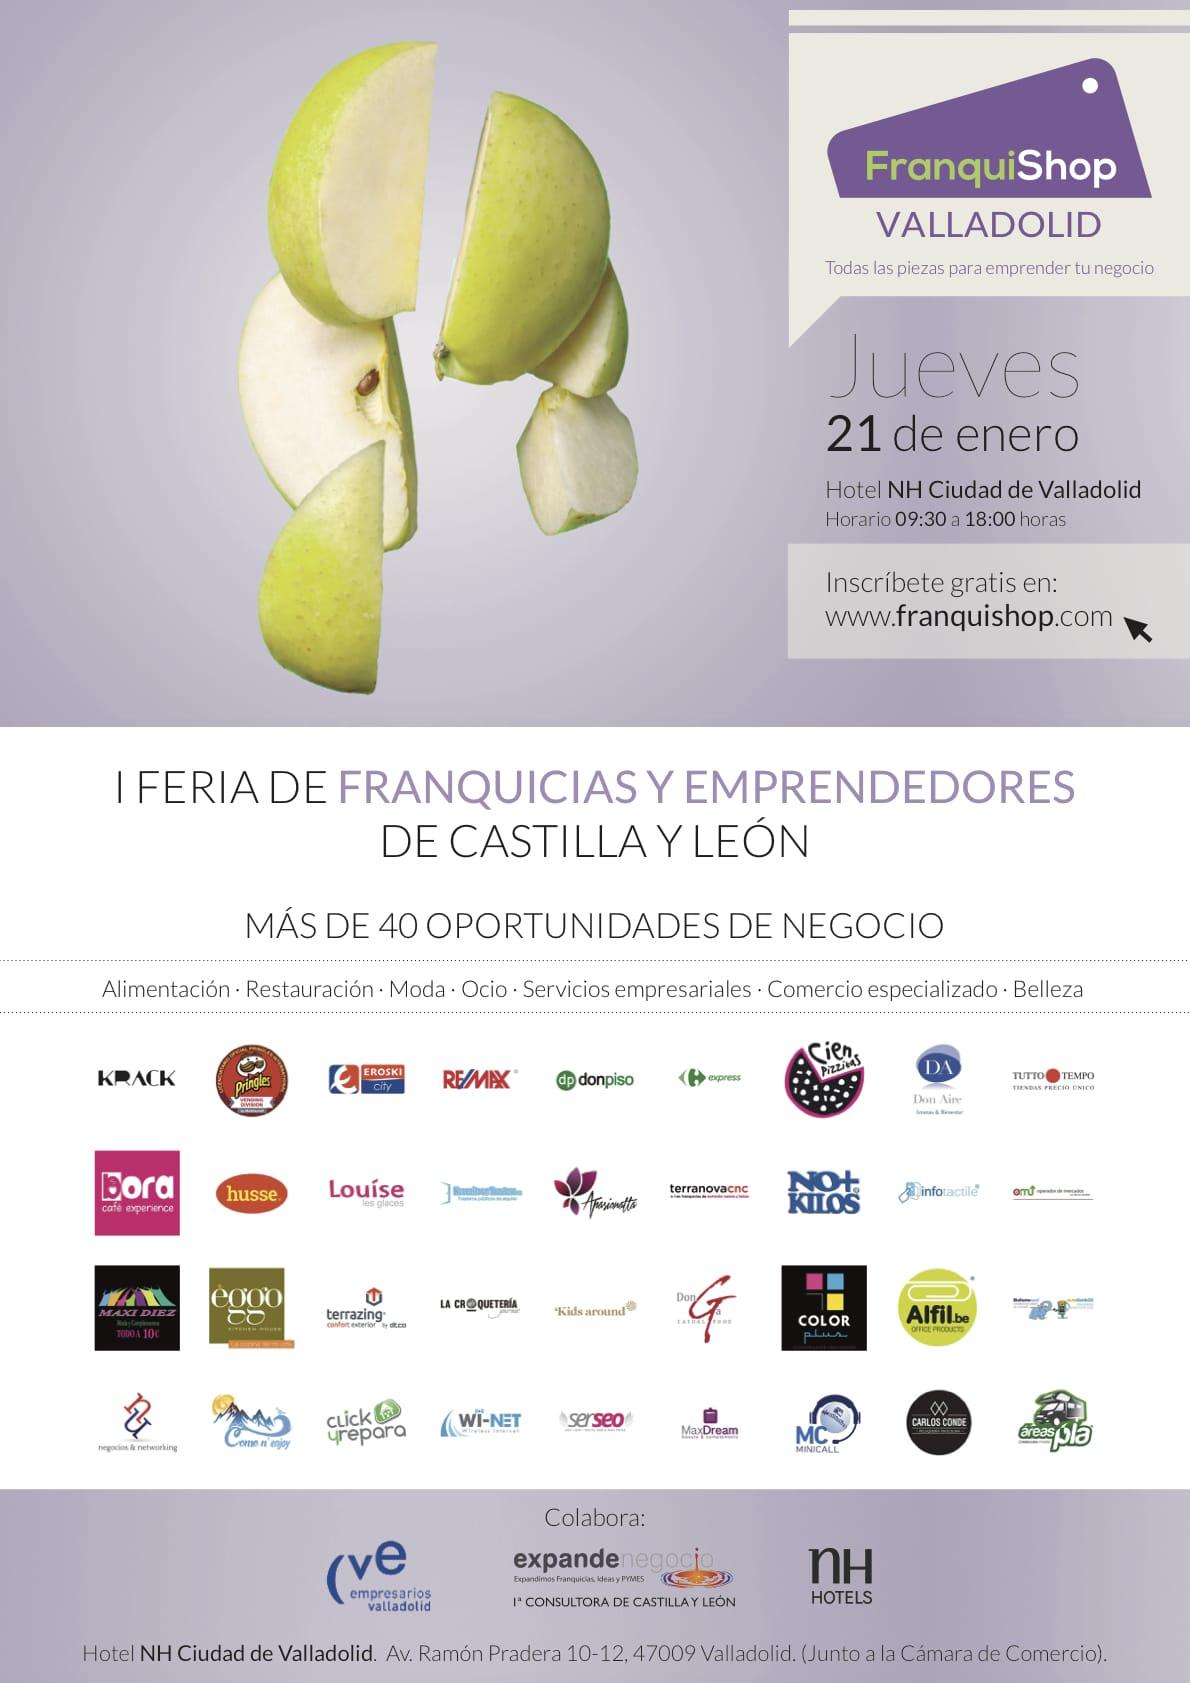 SERSEO en Franquishop Valladolid 2016